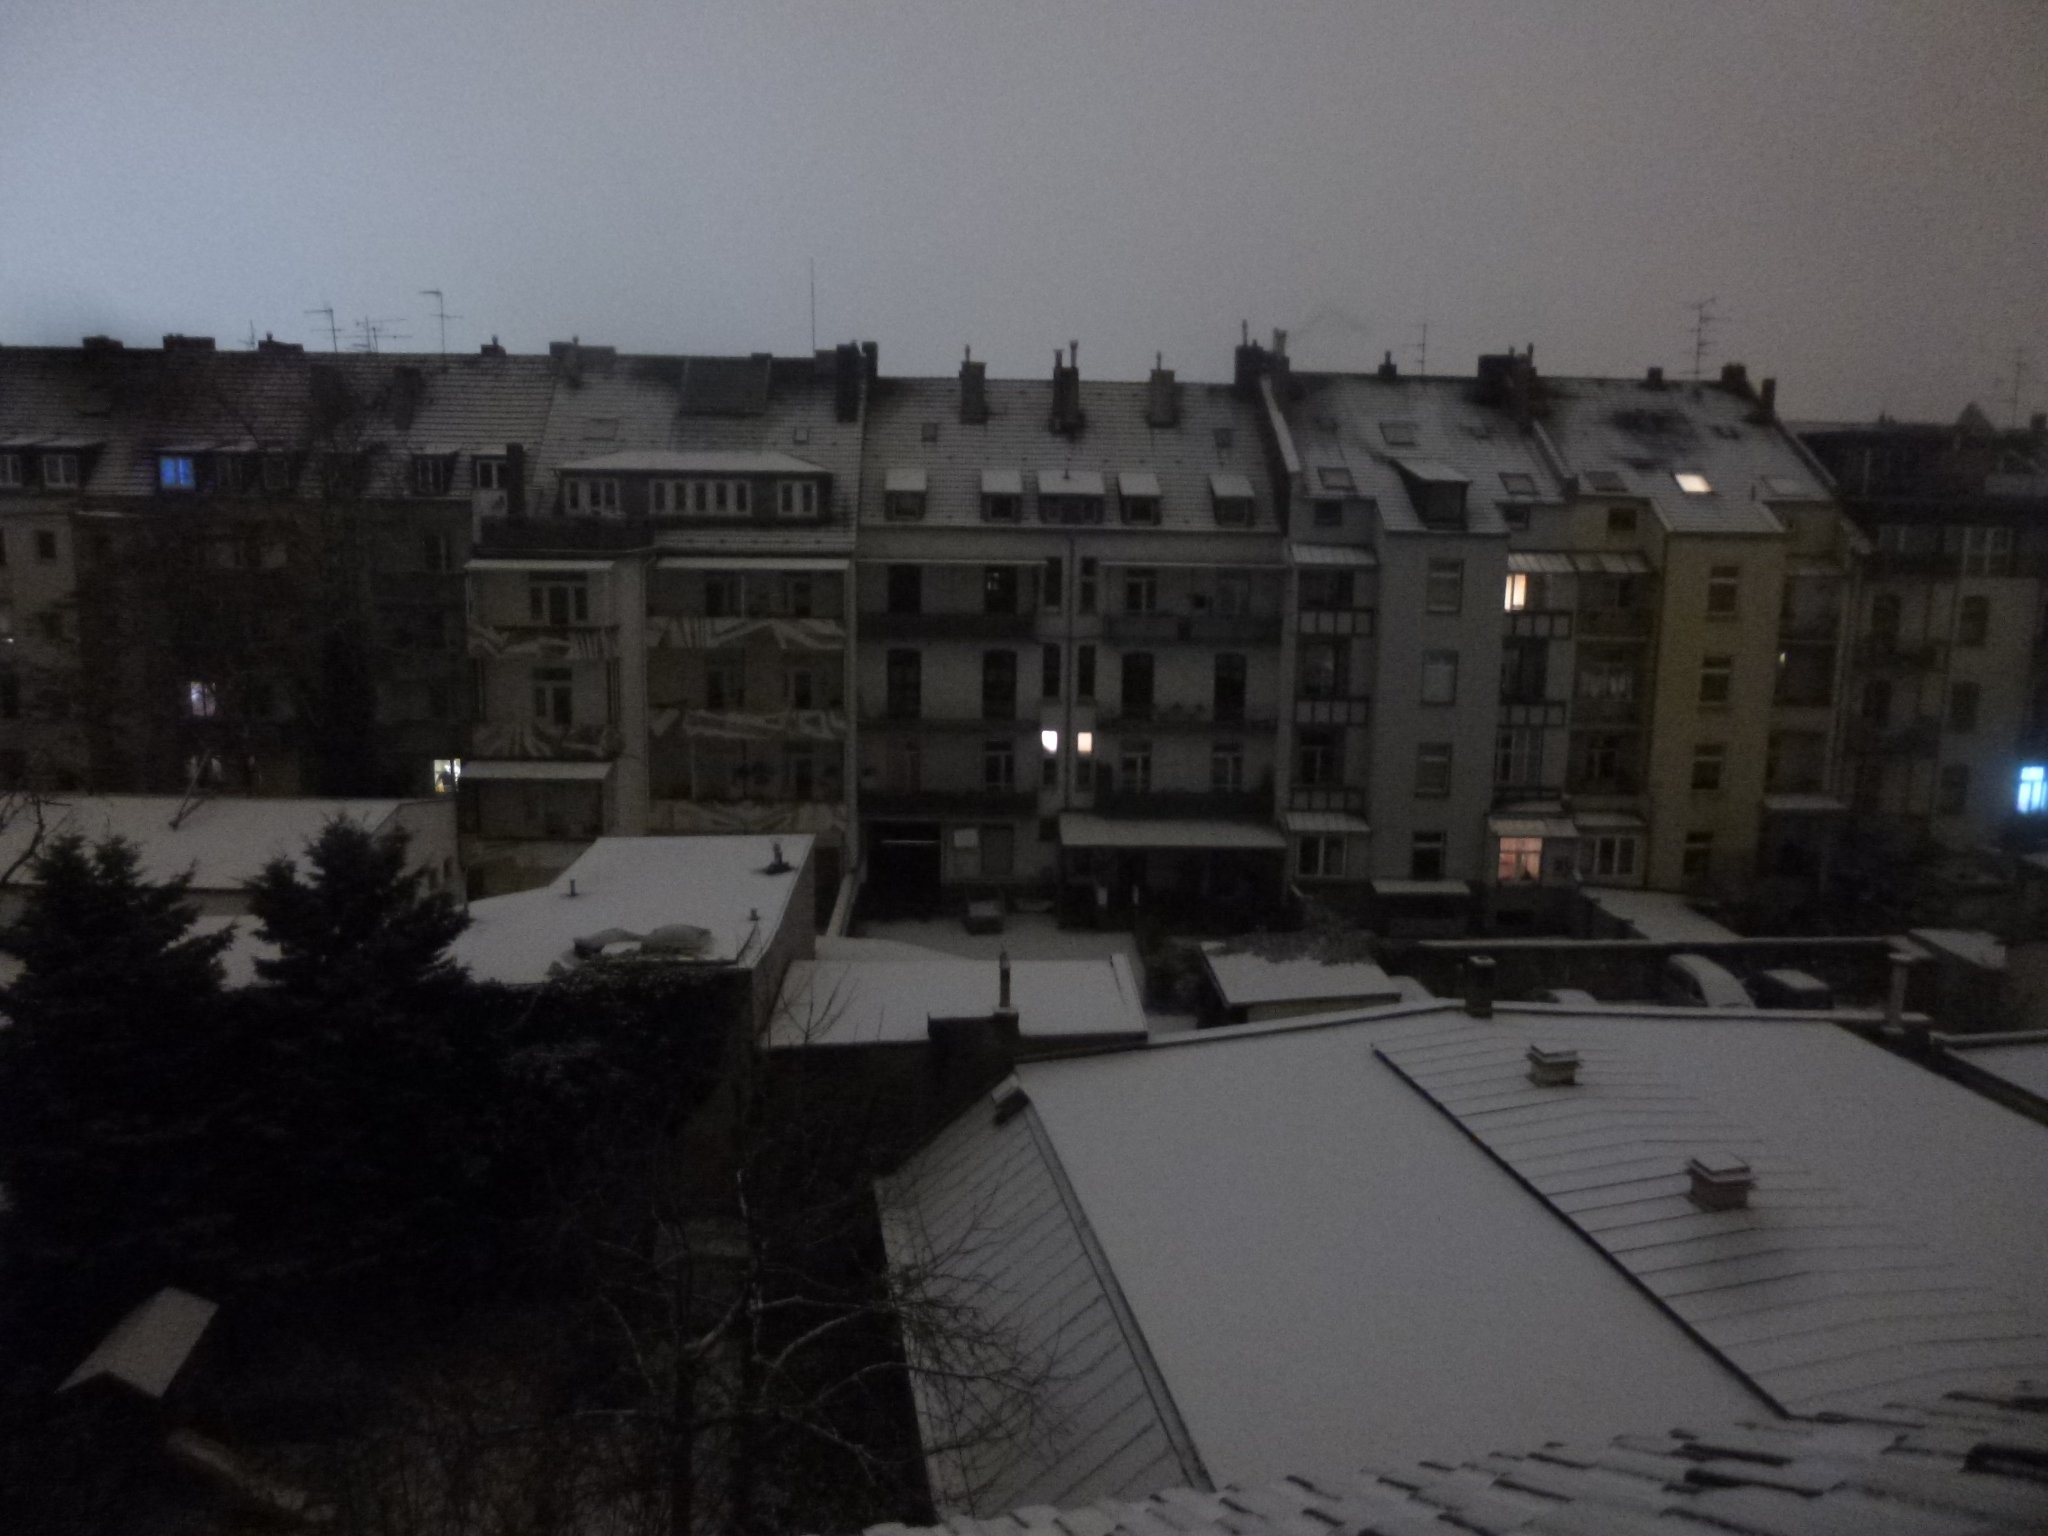 Schnee - 1 Uhr nachts